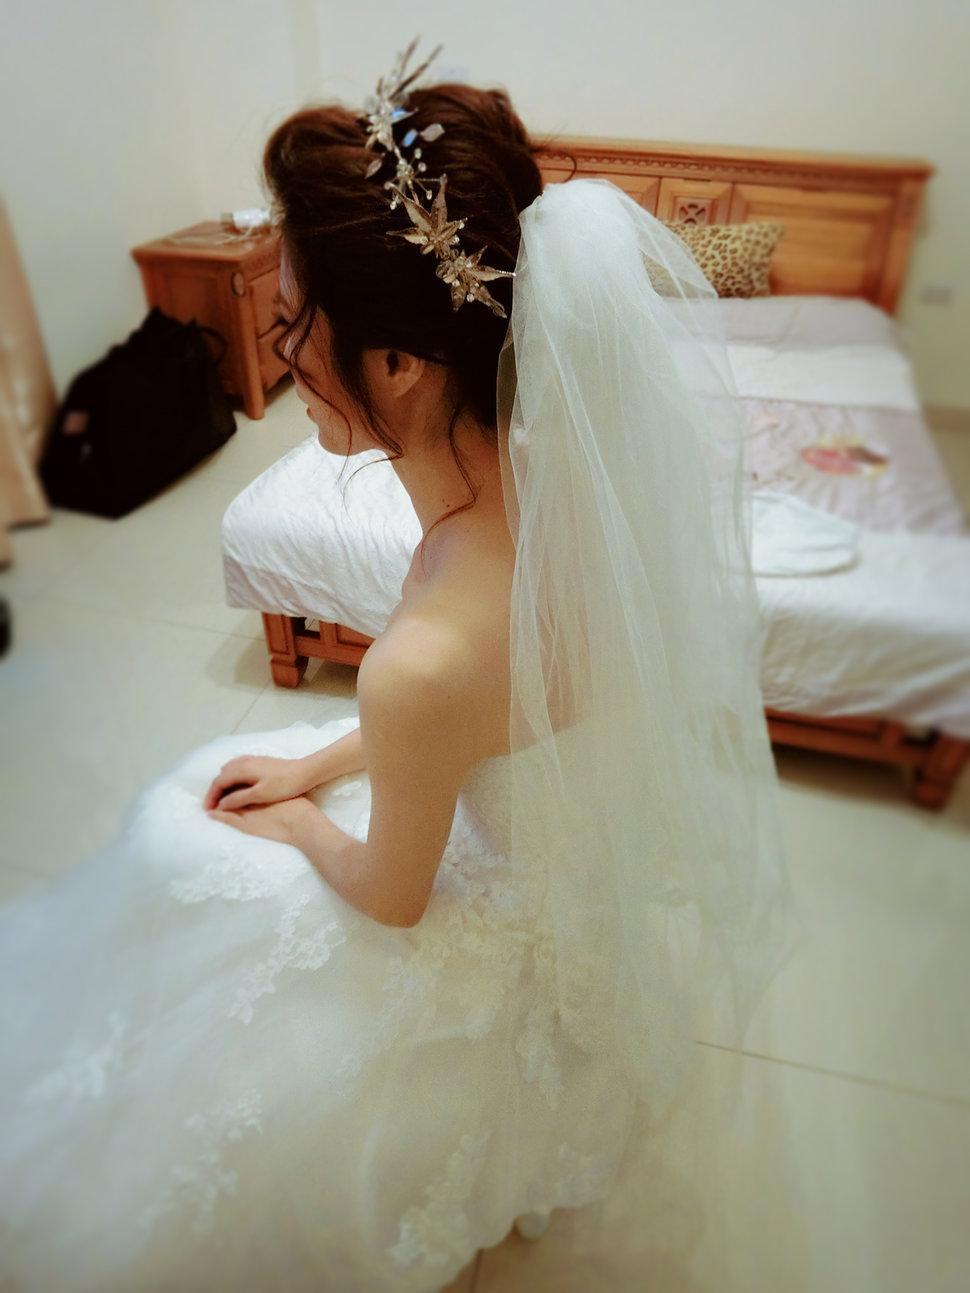 CIMG1212_mh1510546585064 - 新娘祕書 玉晏 - 結婚吧